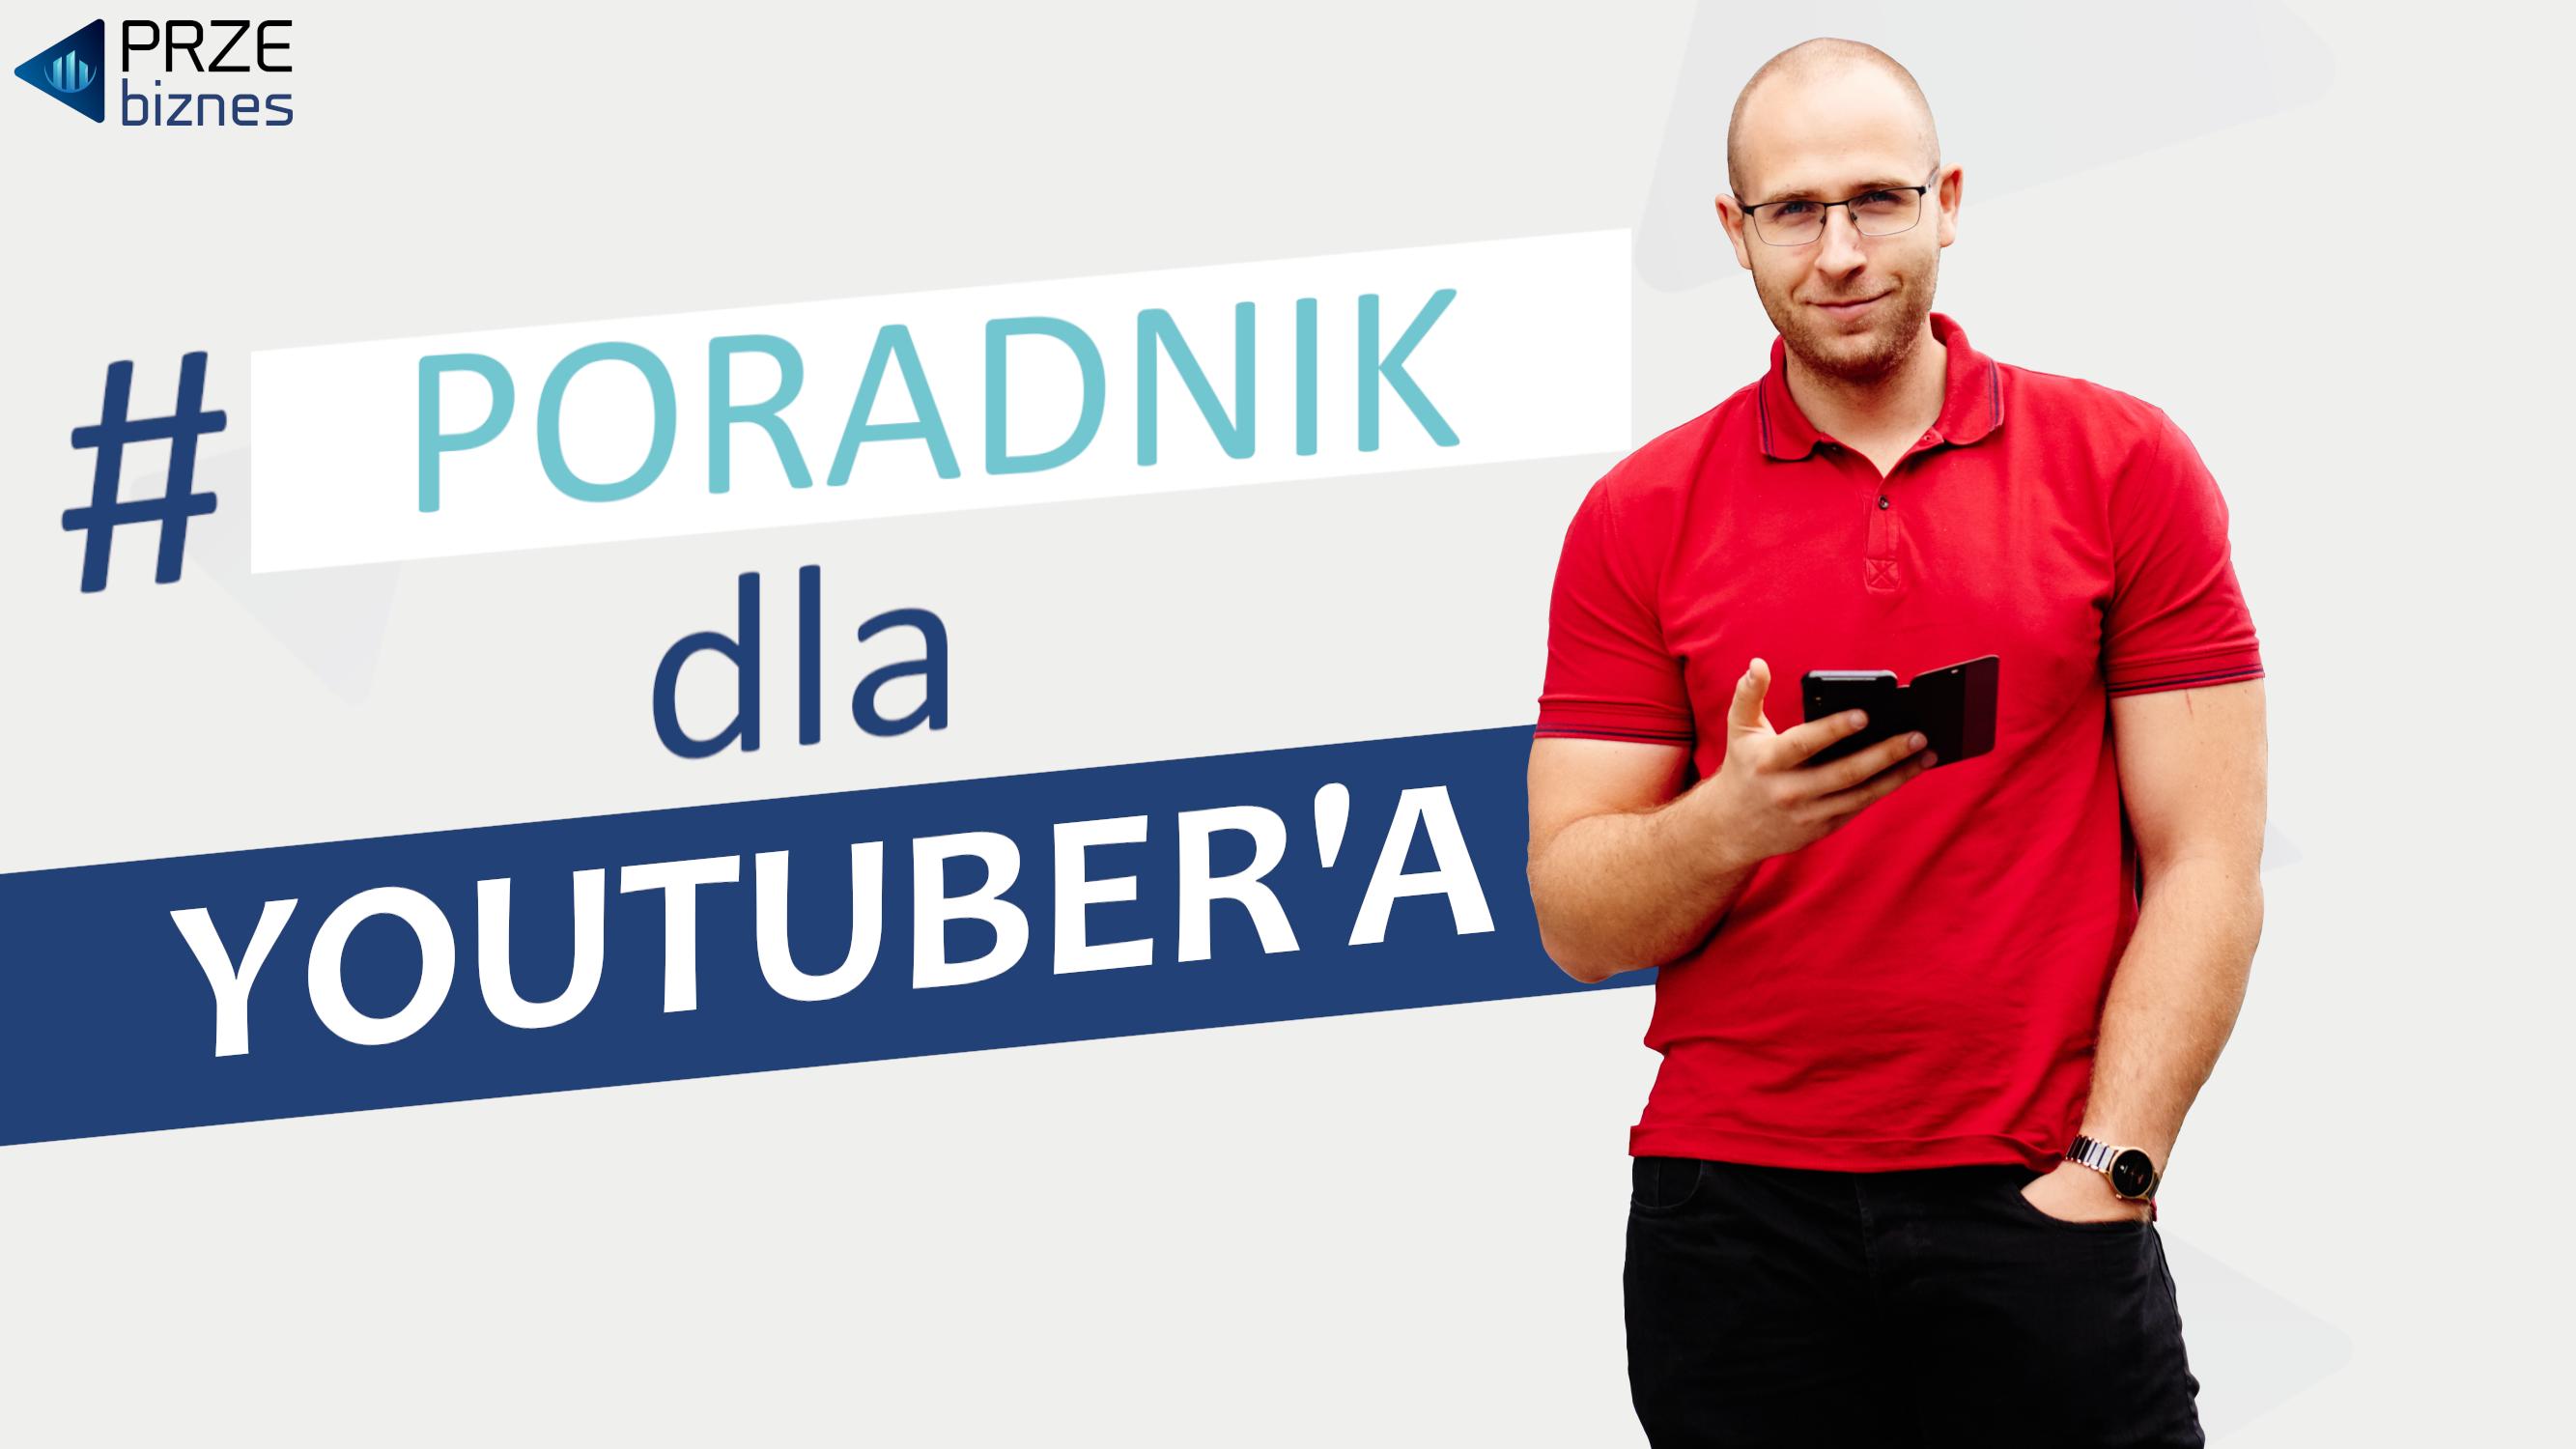 poradnik dla youtubera mężczyzna z czerwonej koszulce trzyma komórkę